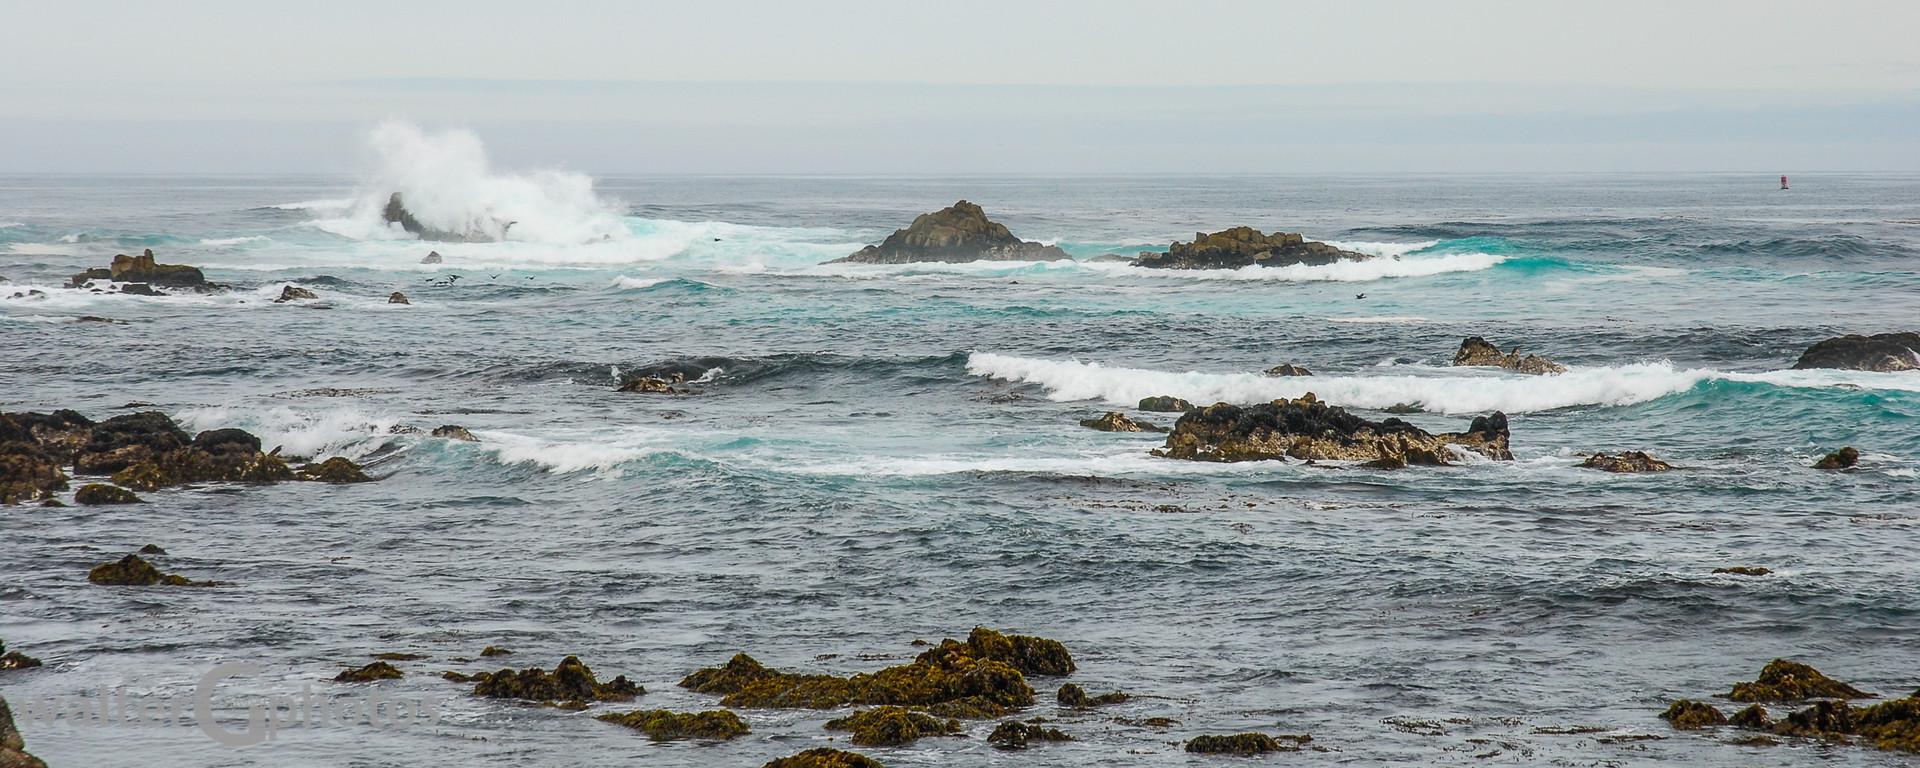 California Seascape